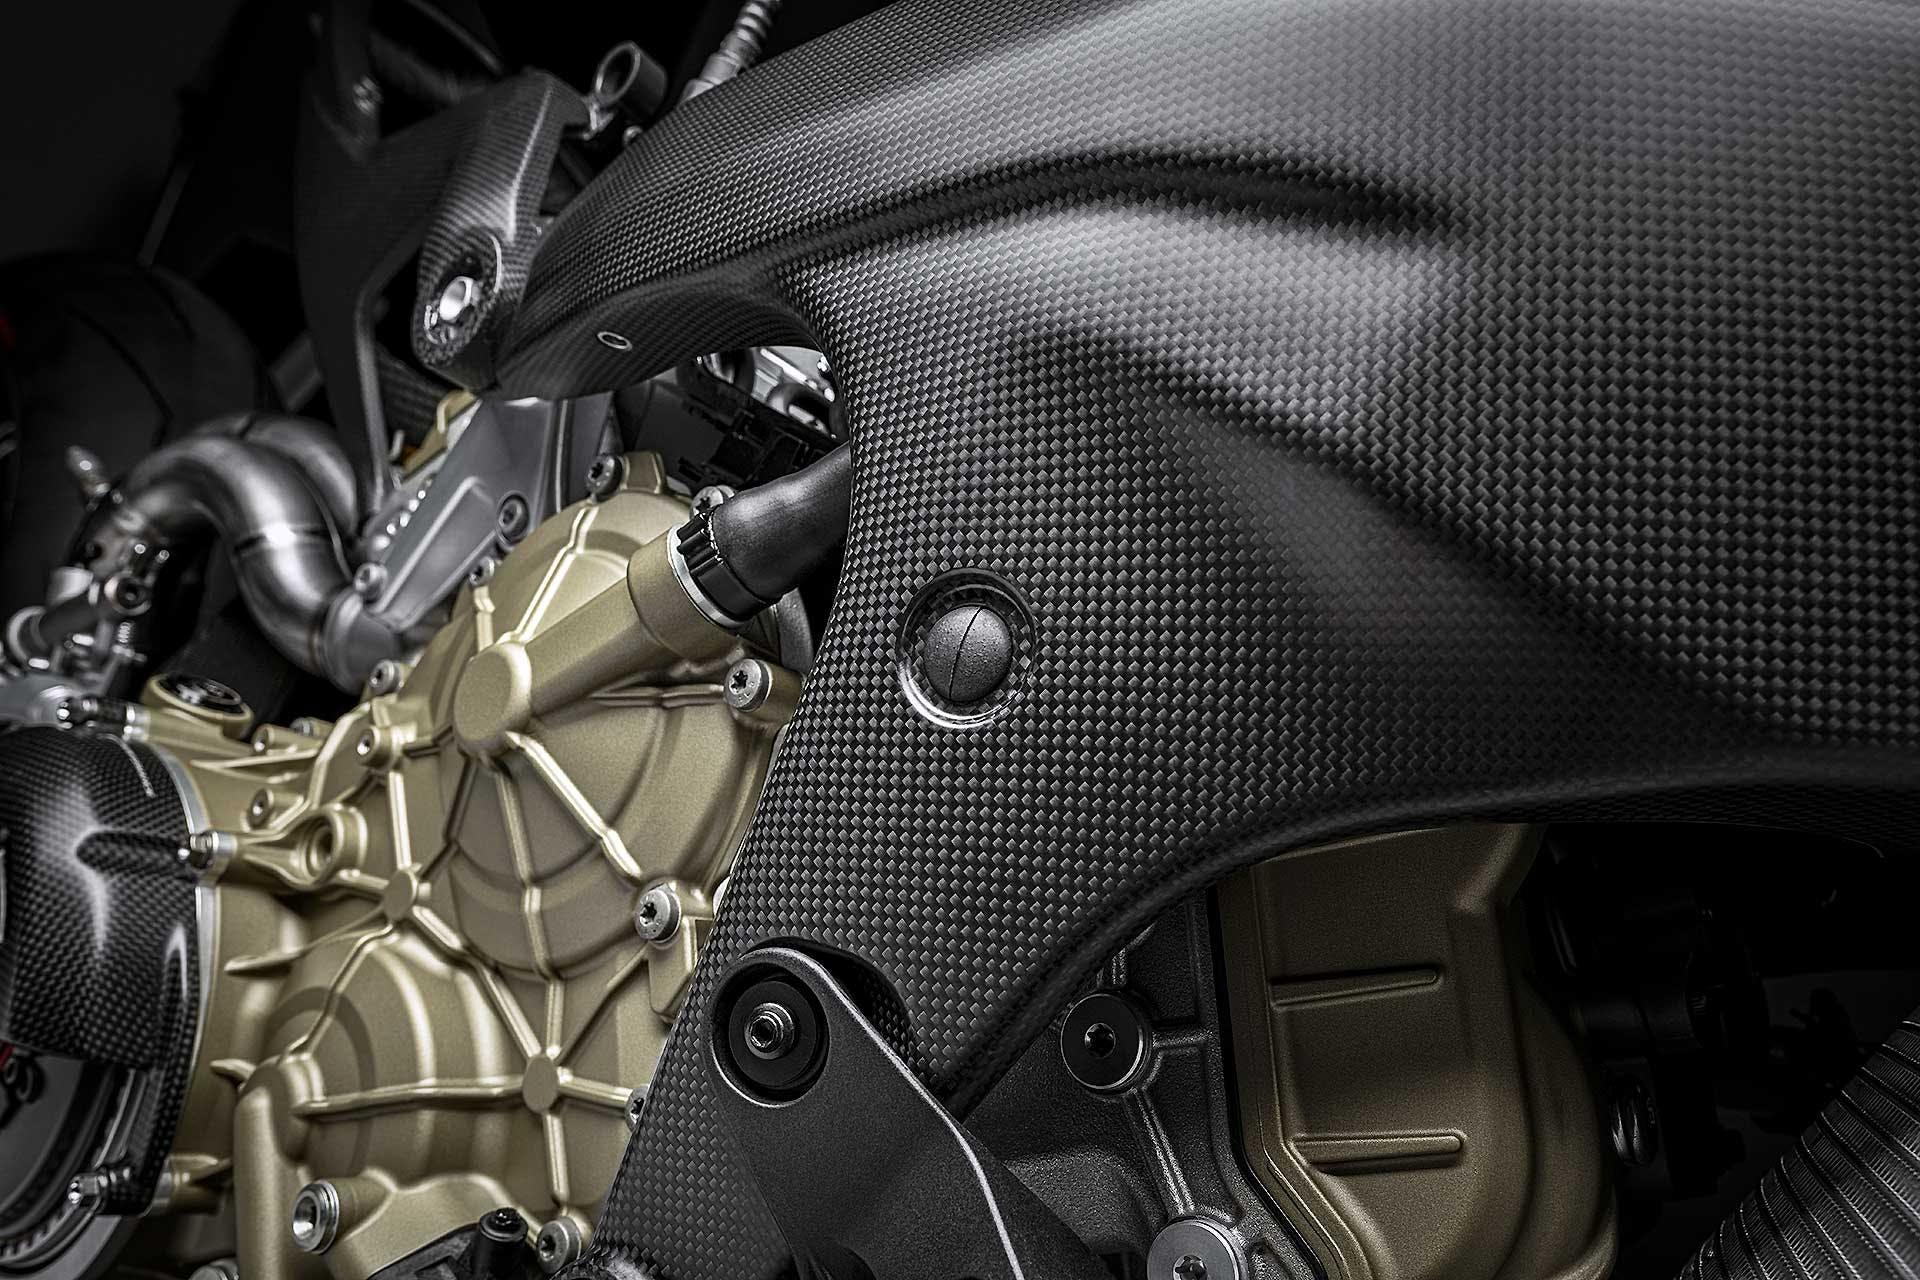 Ducati Superleggera V4 particolare telaio in carbonio